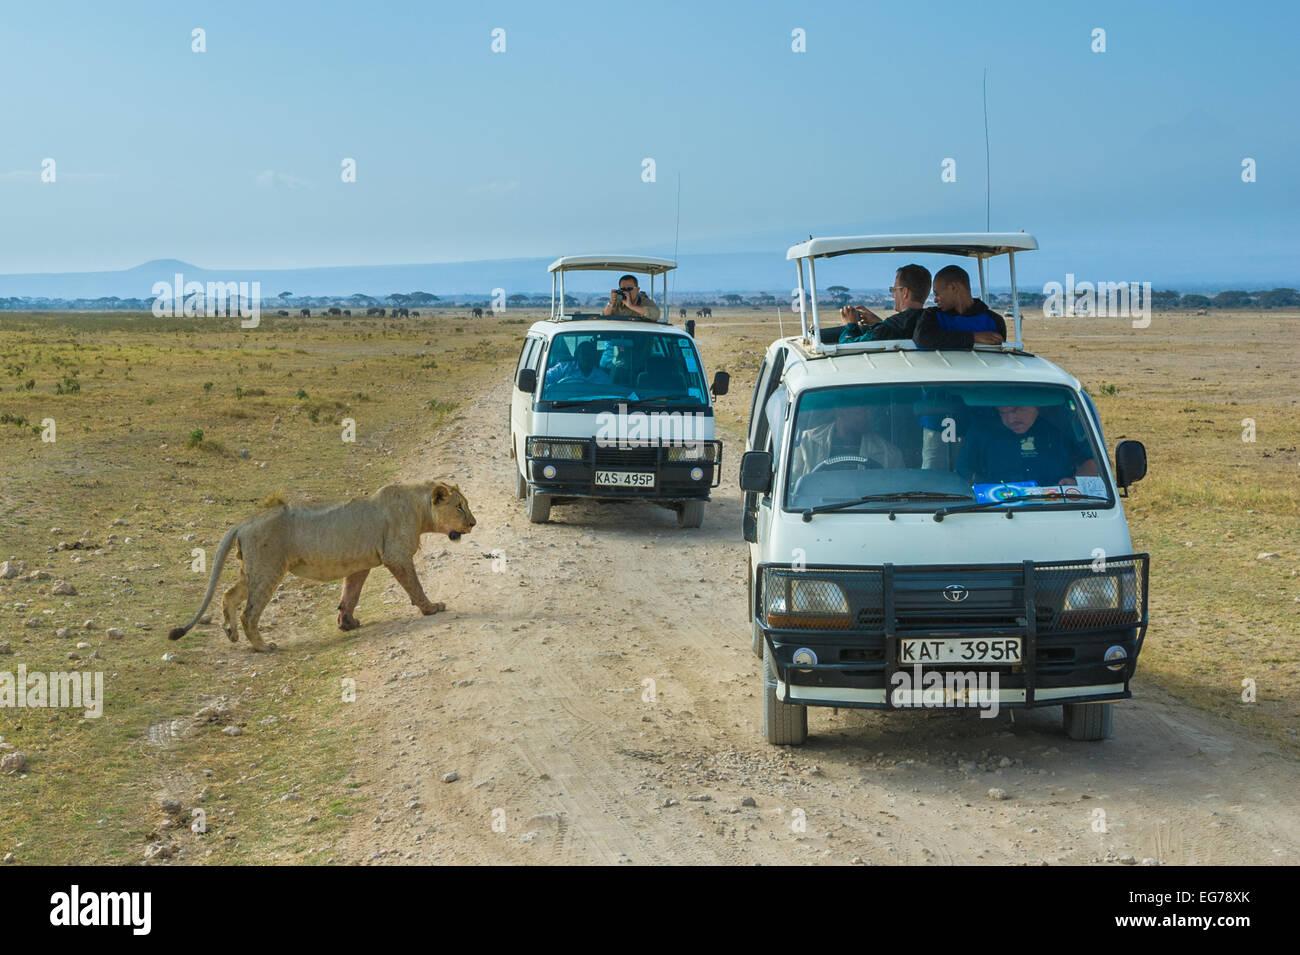 AMBOSELI, KENYA - September, 19, 2008: Lion safari in Amboseli National Park, Kenya - Stock Image